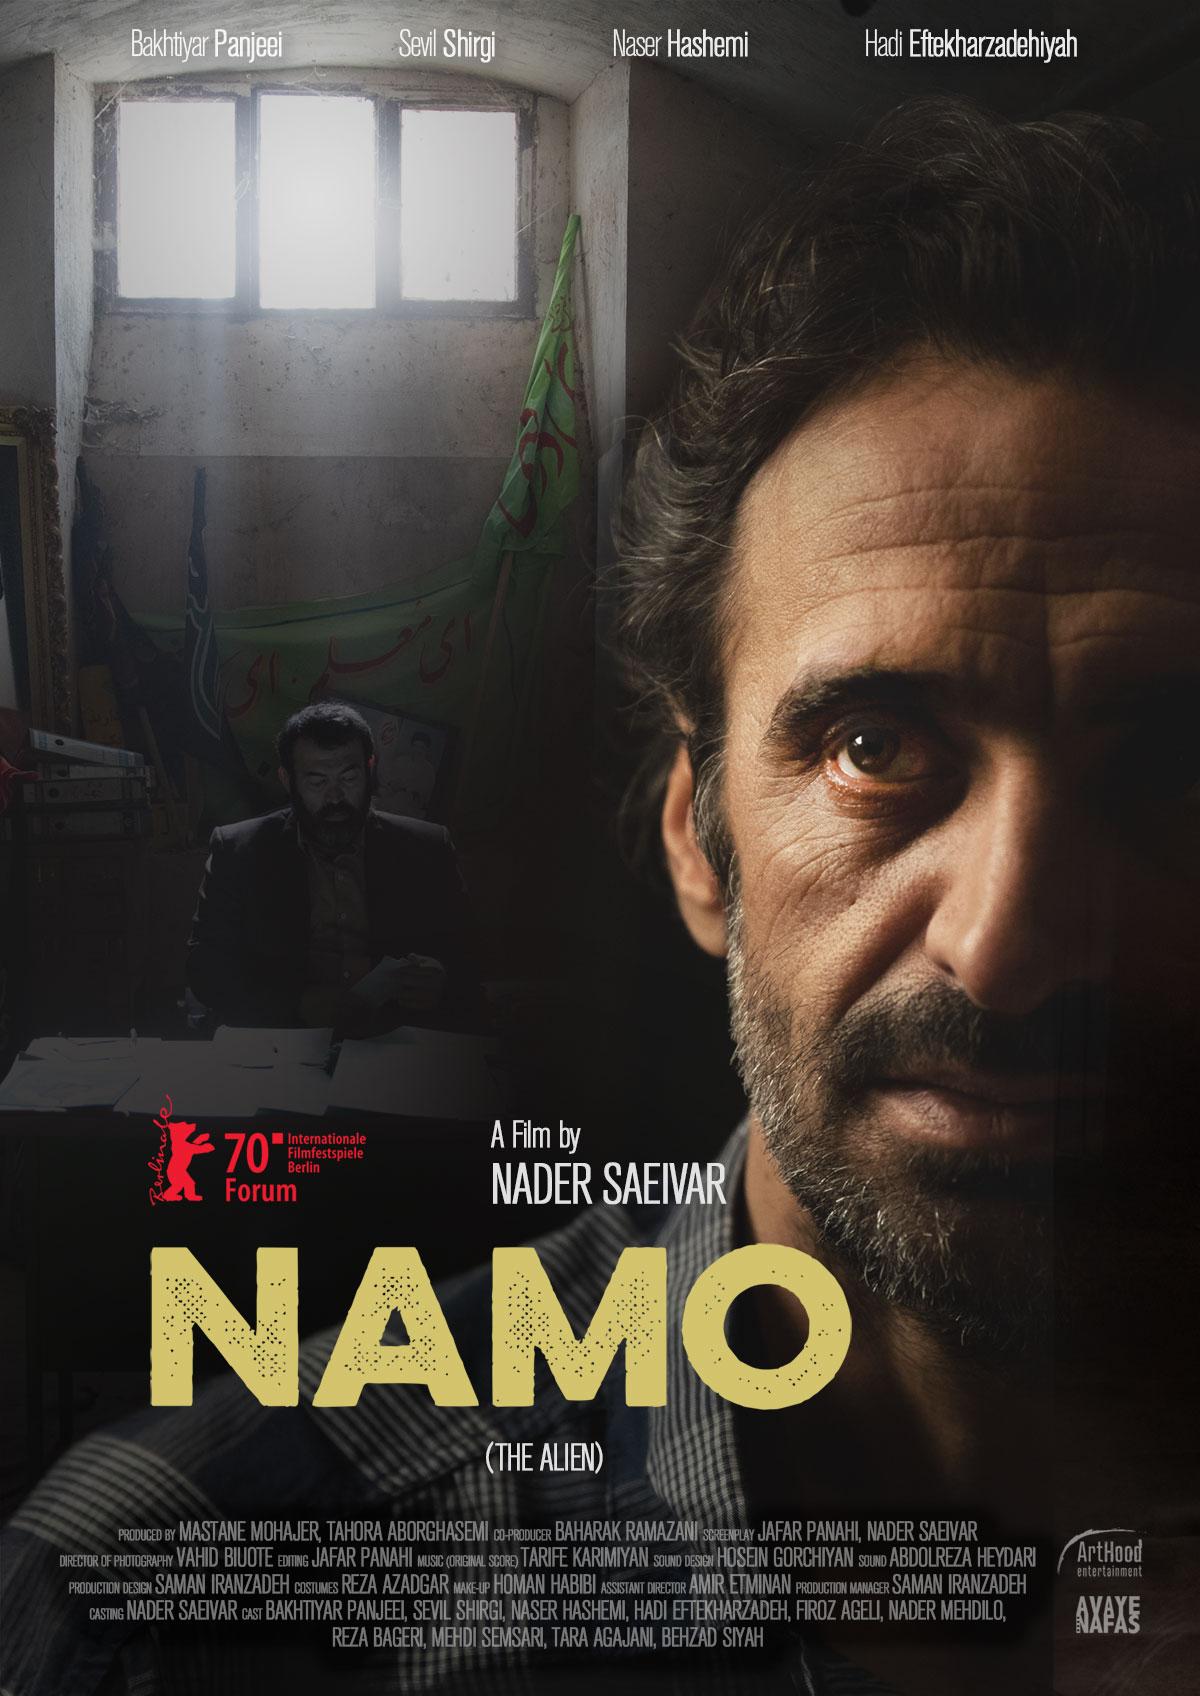 NAMO / The Alien